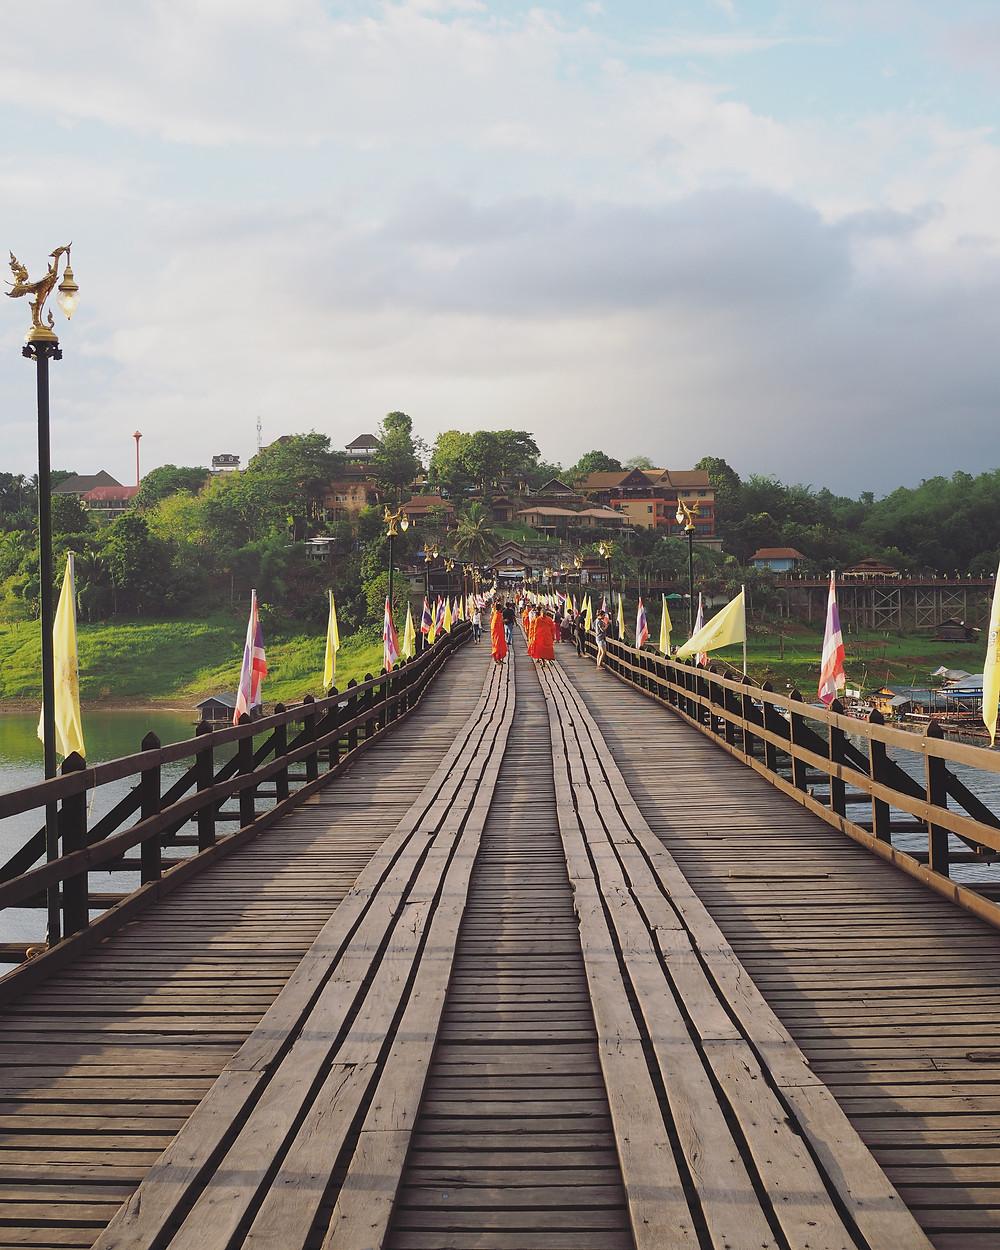 晴天无雾的Mon Bridge